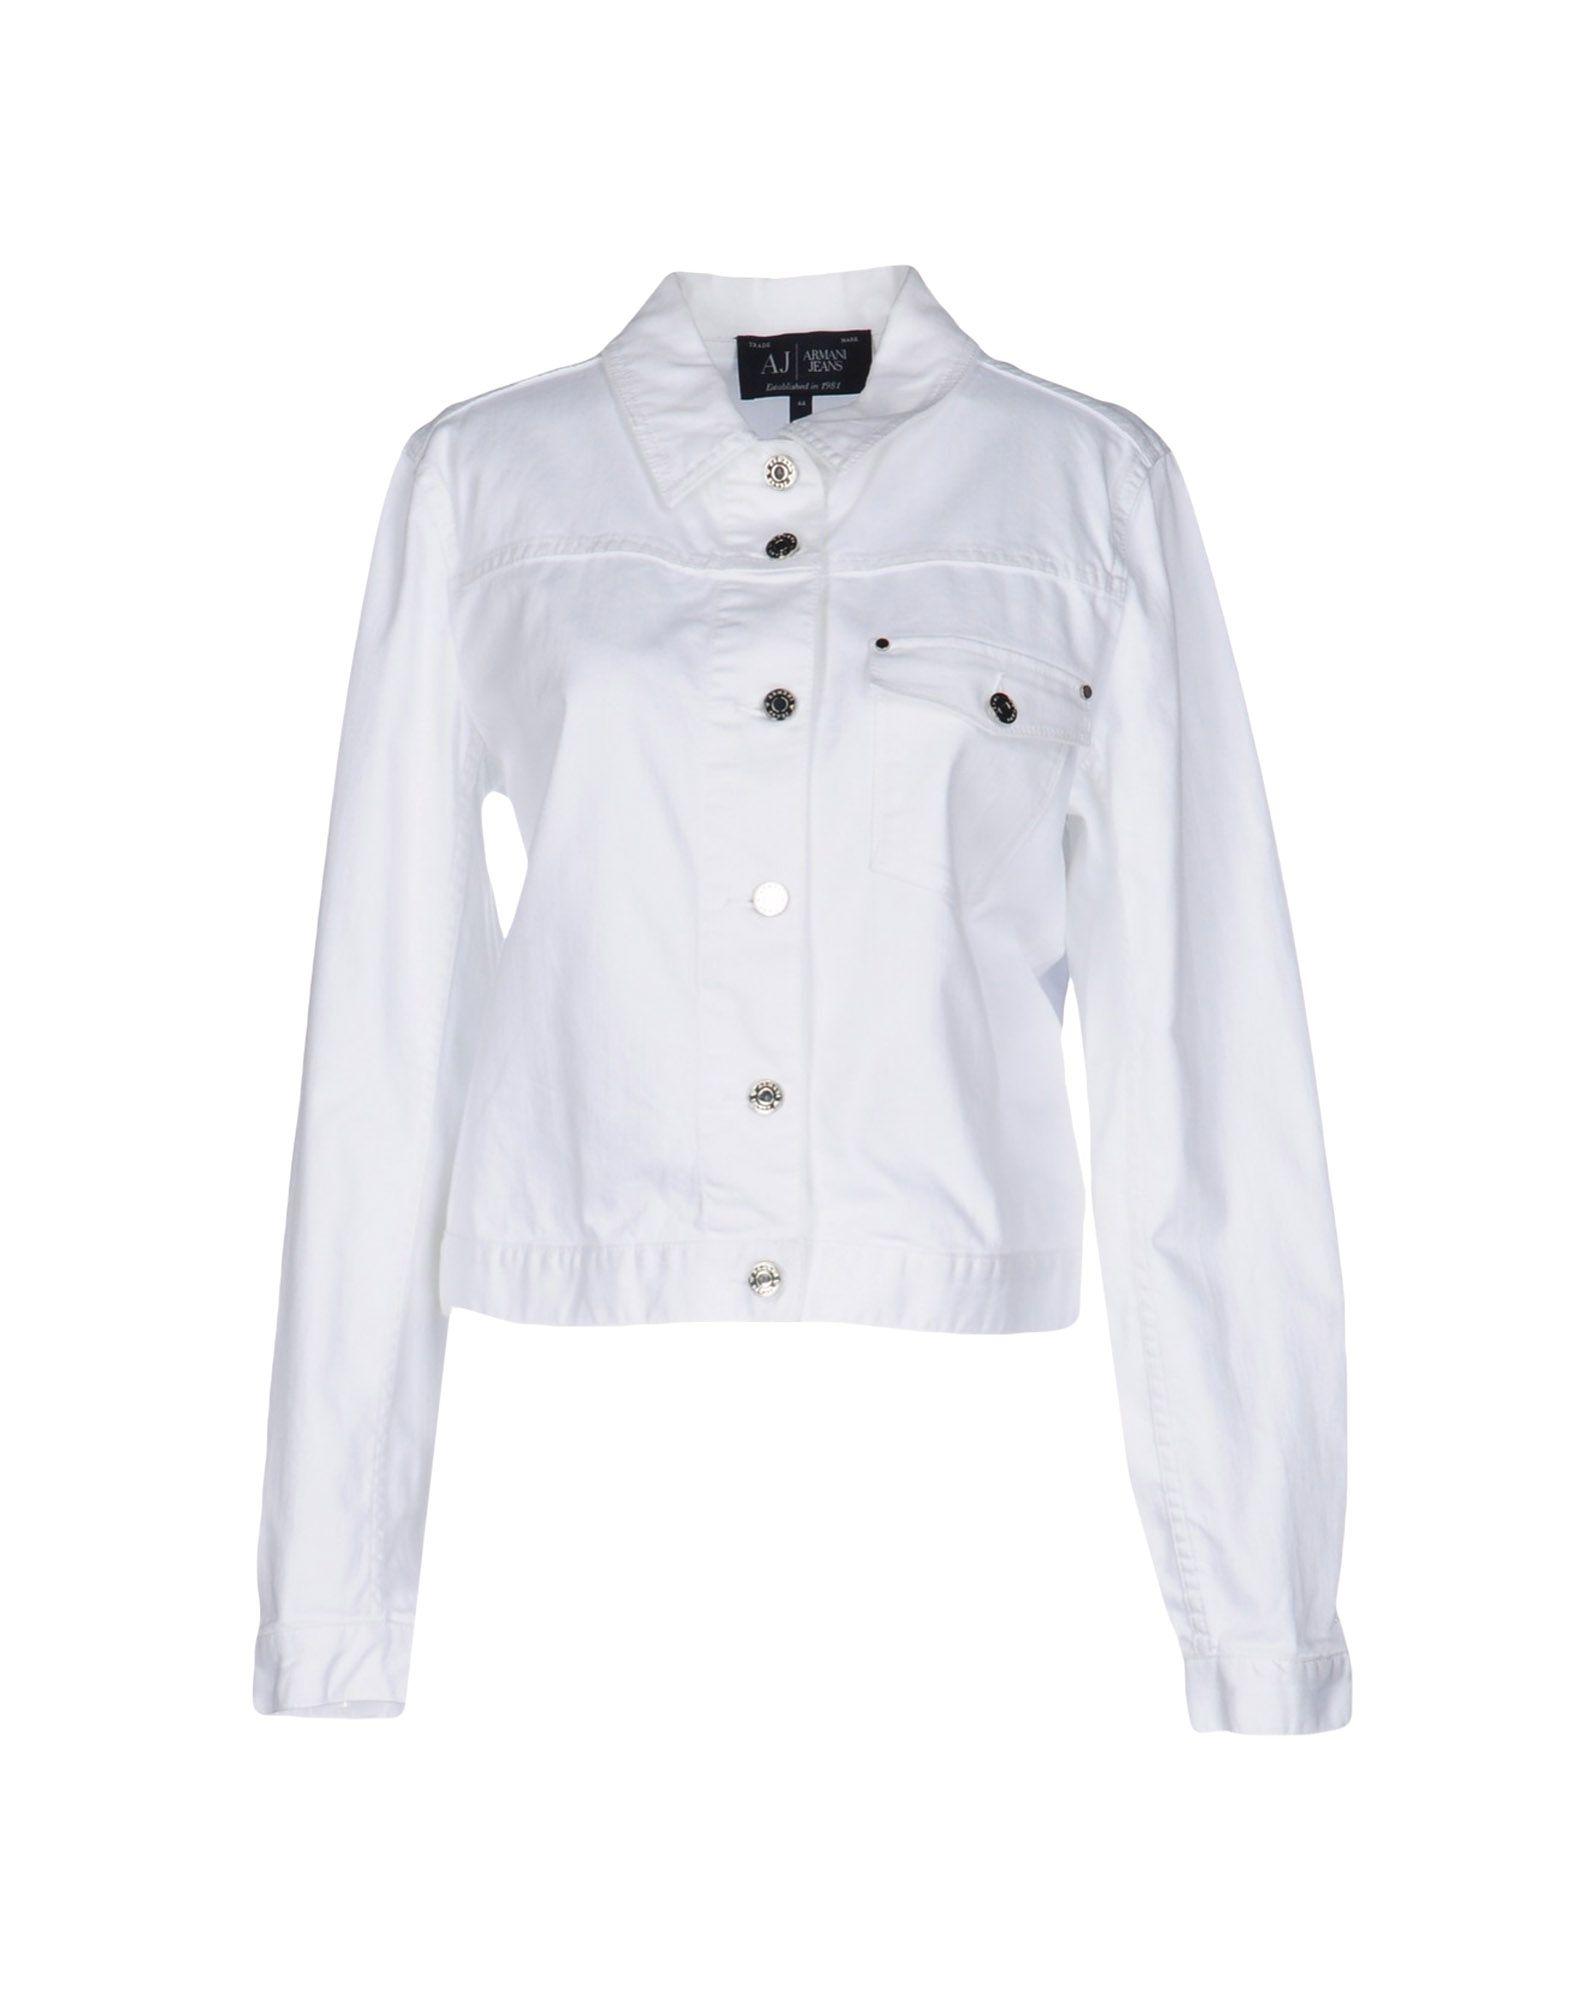 ARMANI JEANS Джинсовая верхняя одежда брендовая одежда